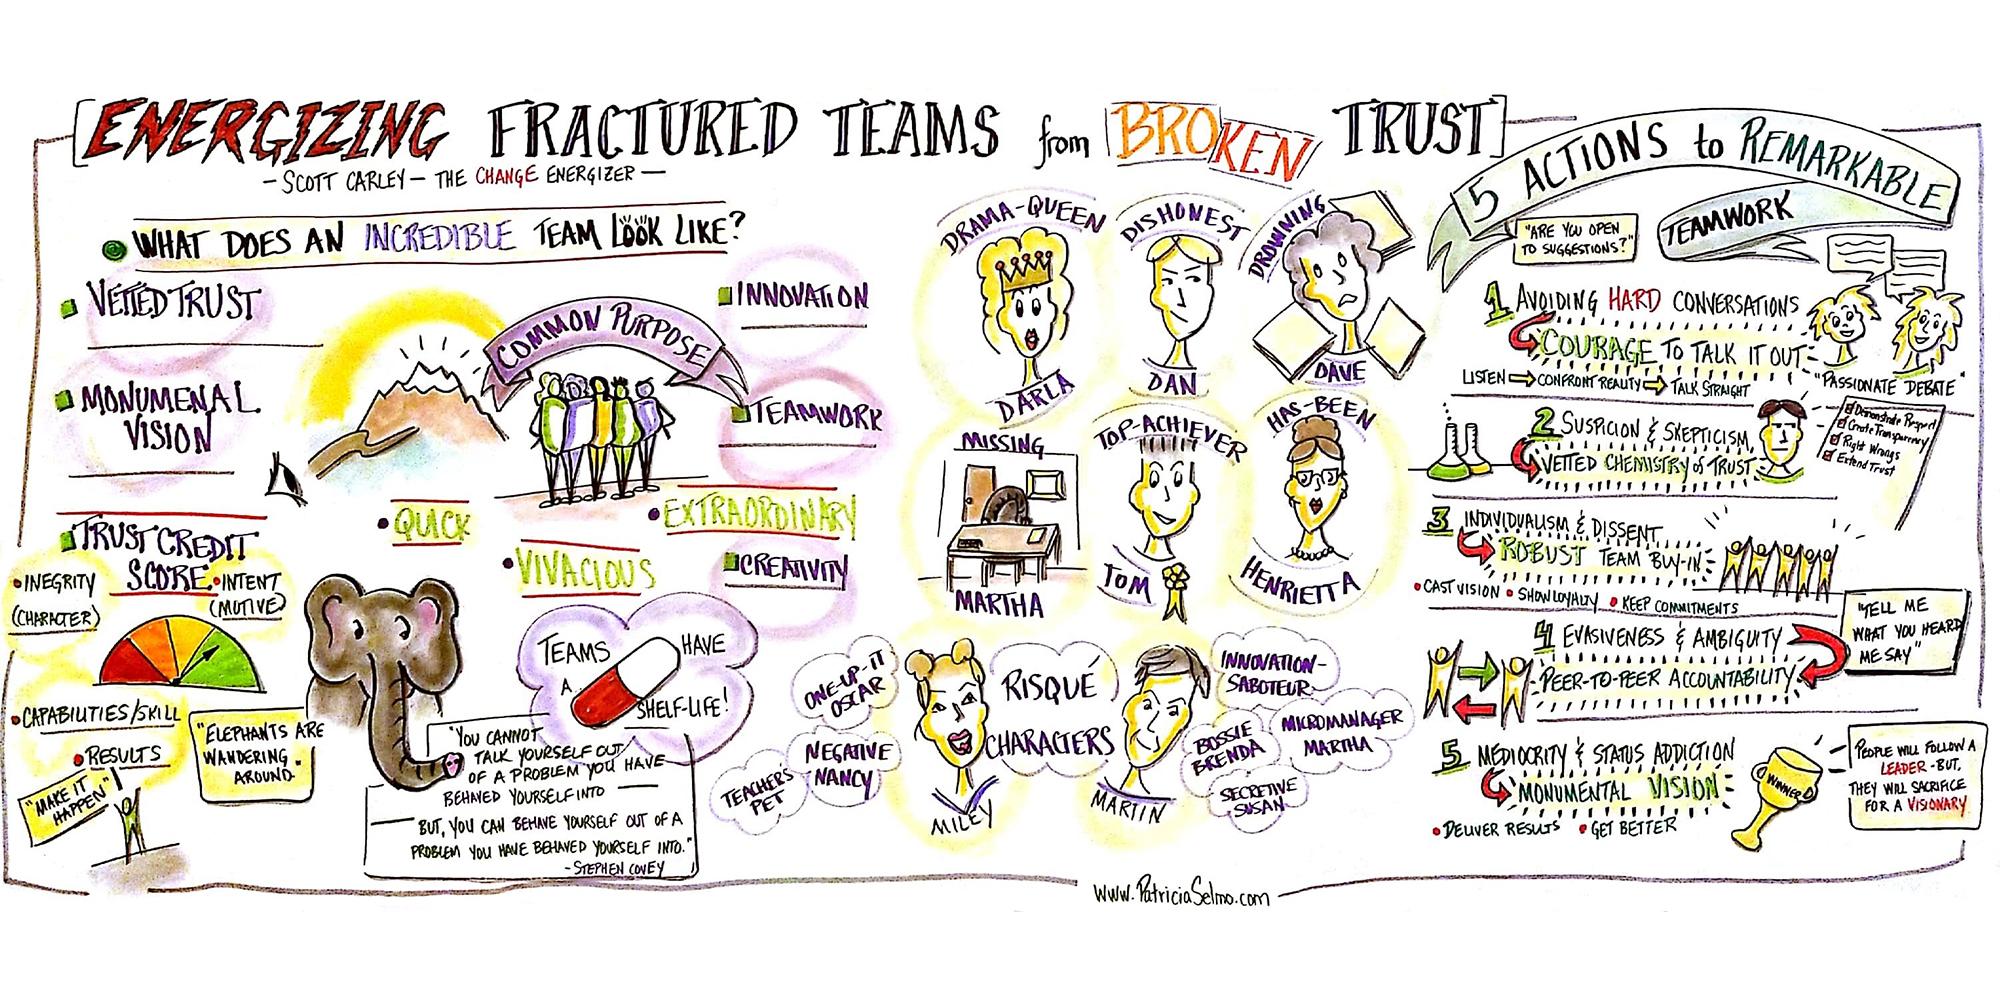 Keynote // Energizing Fractured Teams